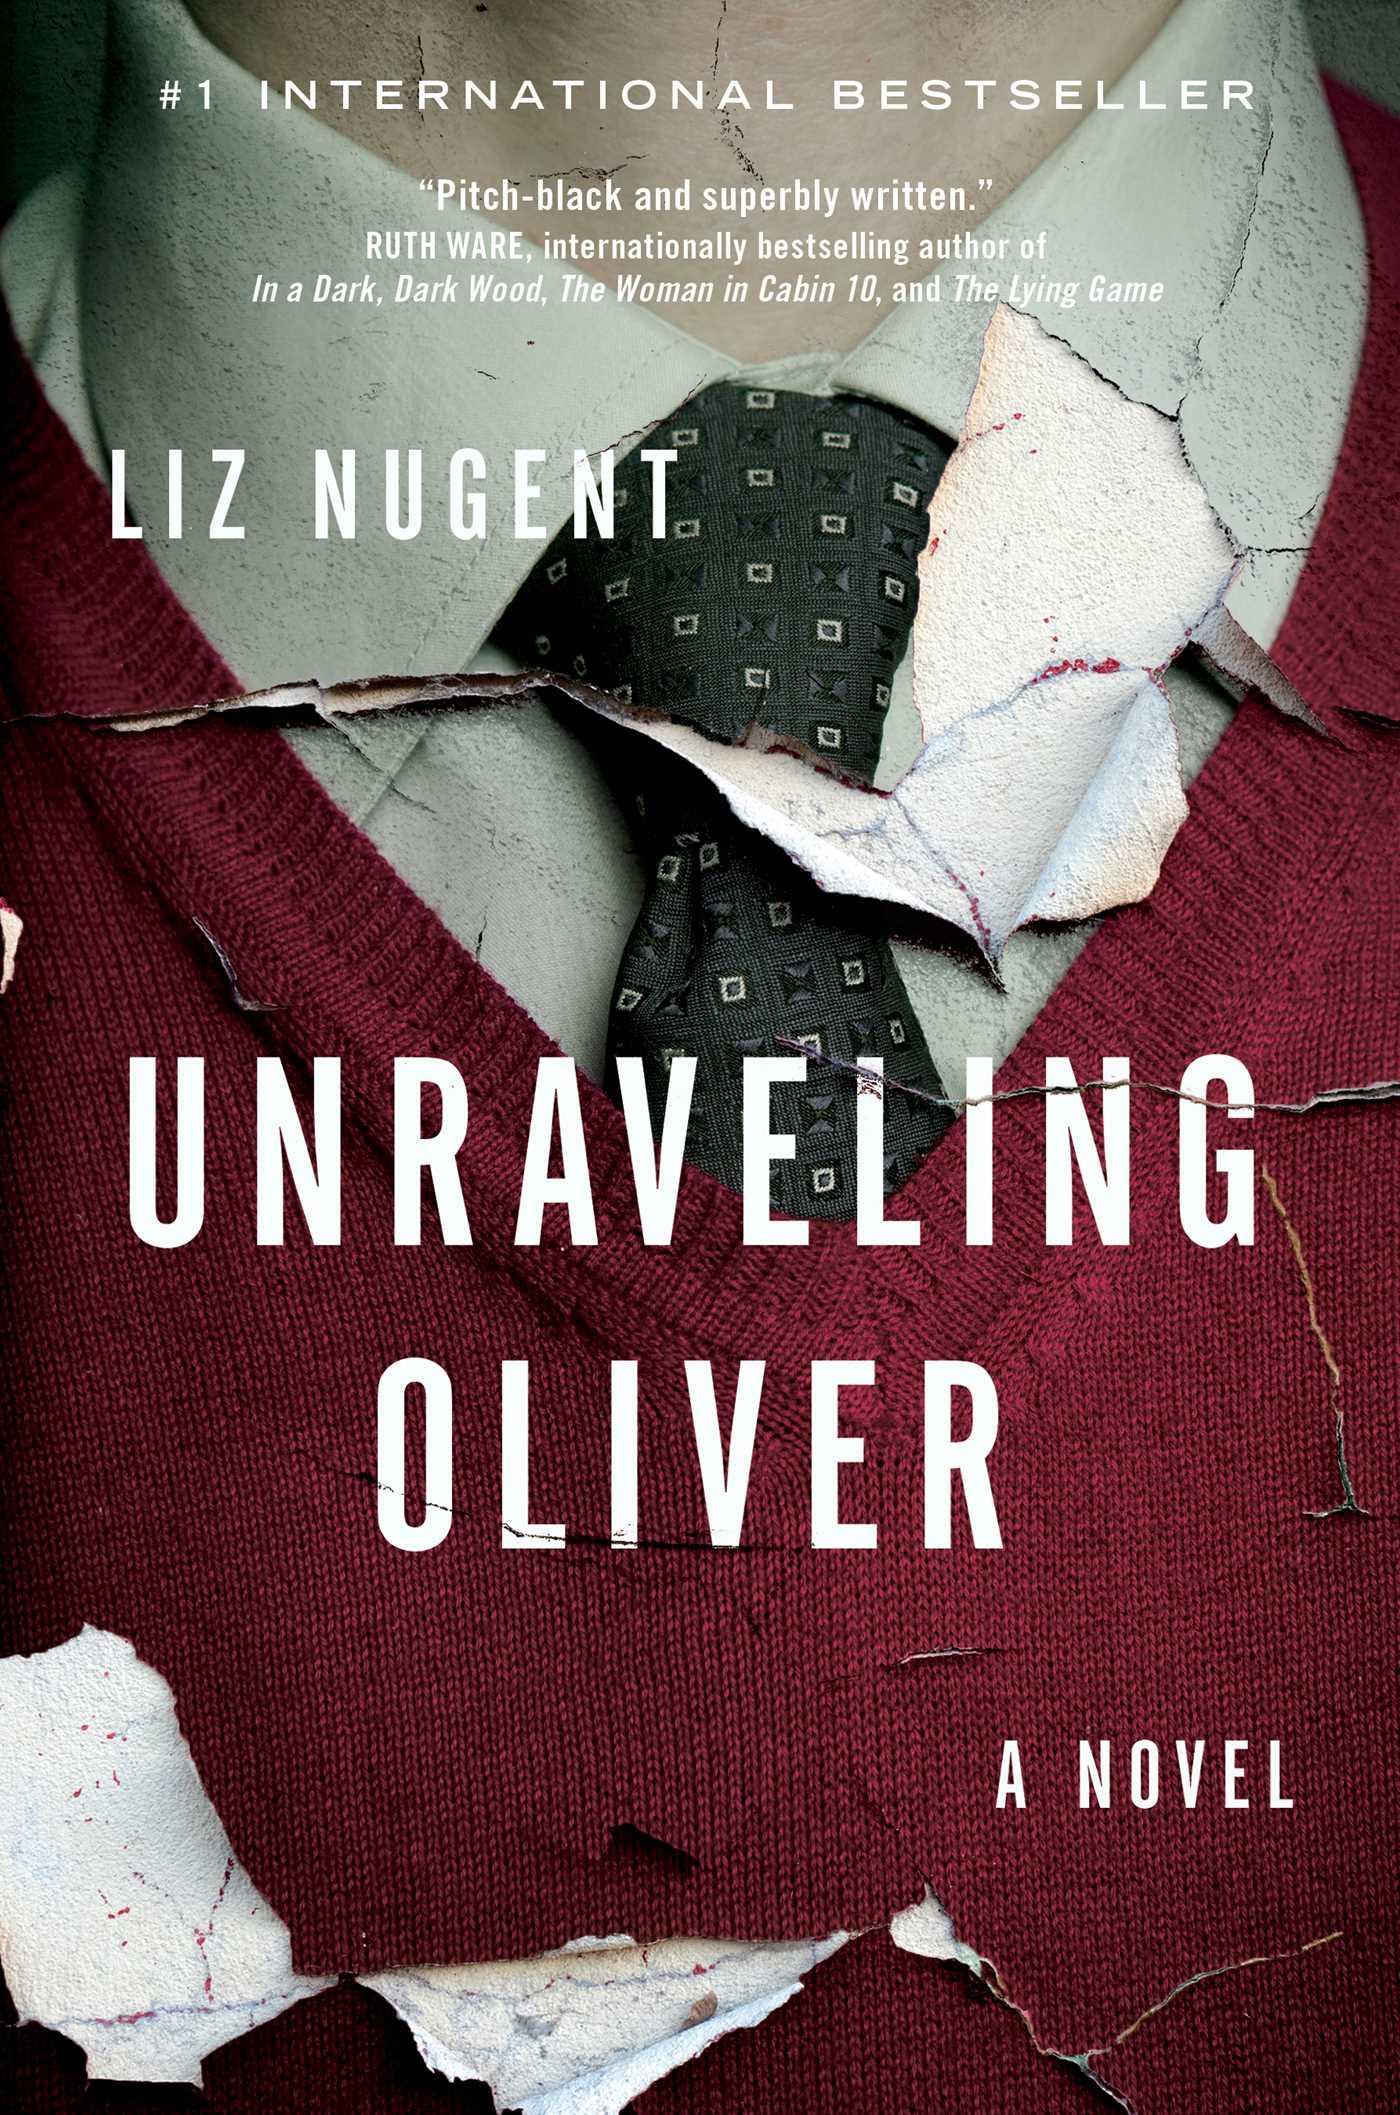 Unraveling oliver 9781501191282 hr